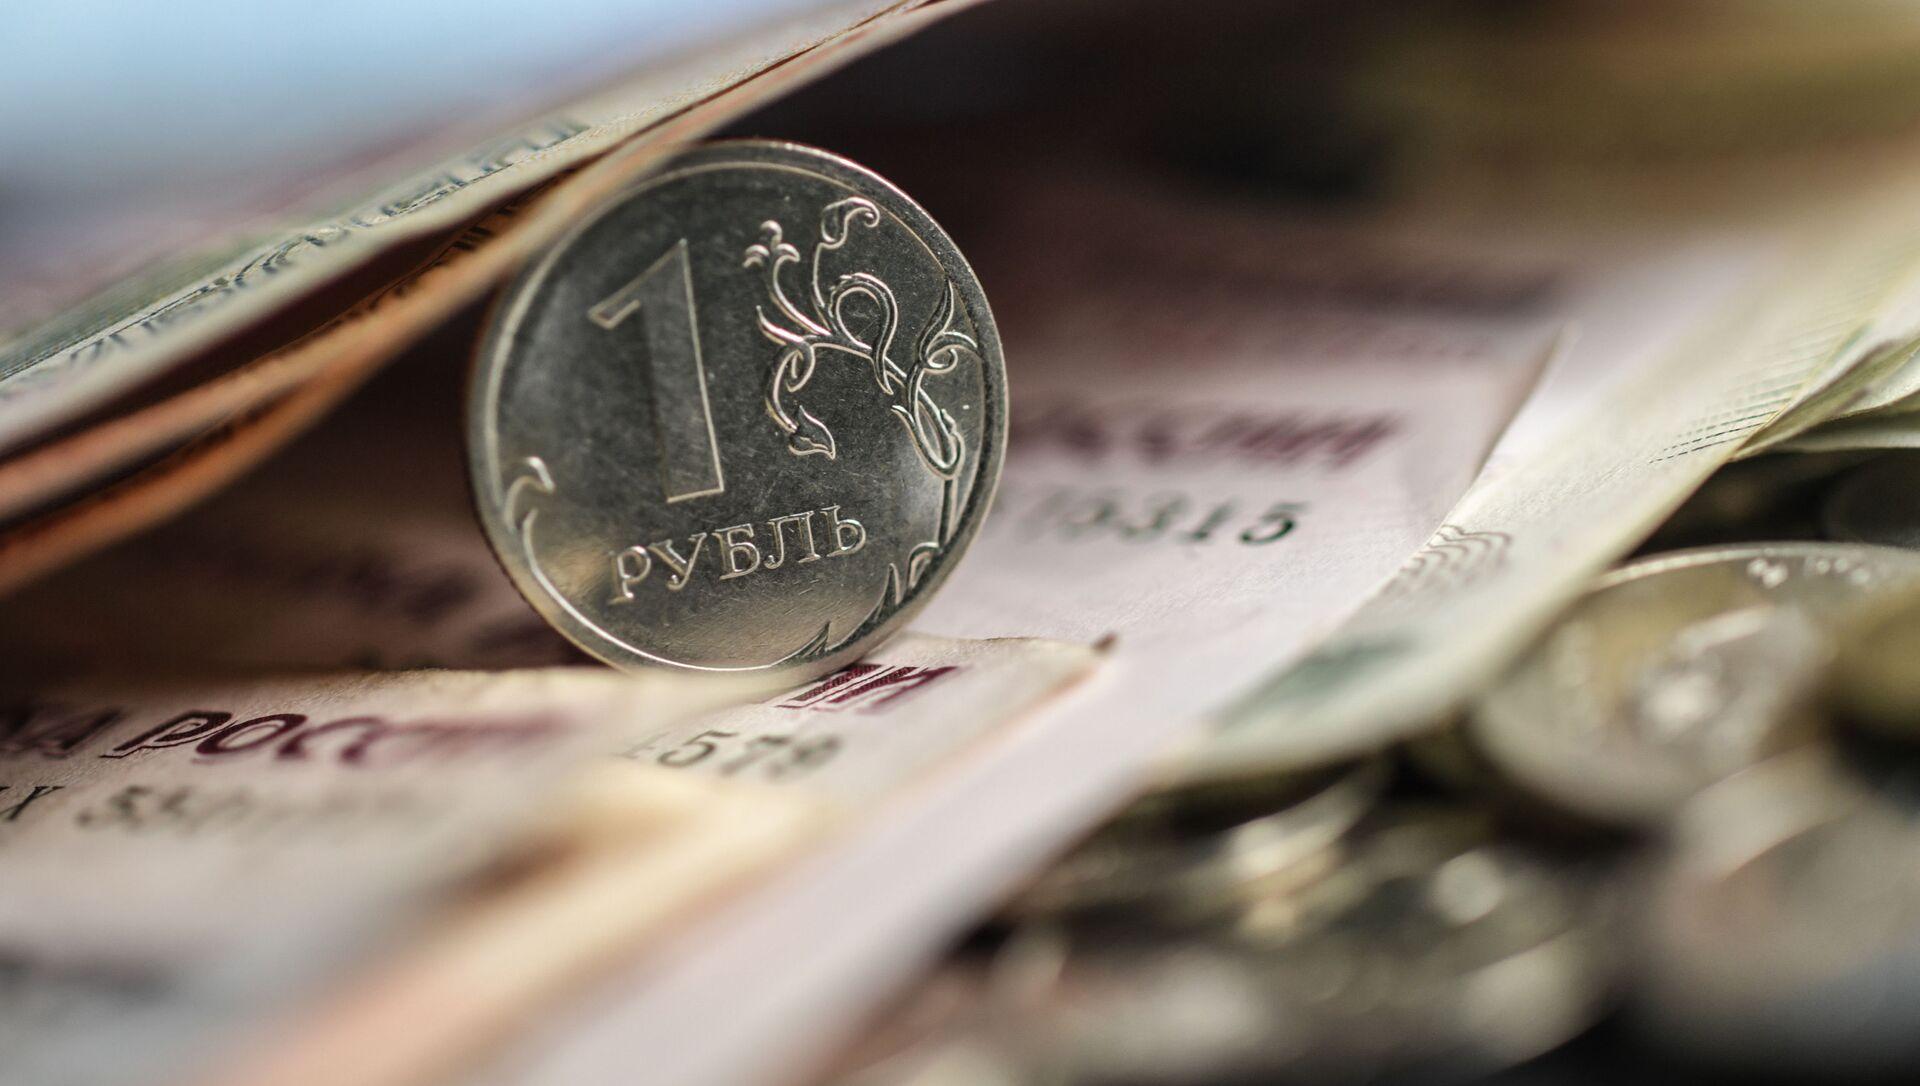 Денежные купюры и монеты. - Sputnik Абхазия, 1920, 03.09.2021